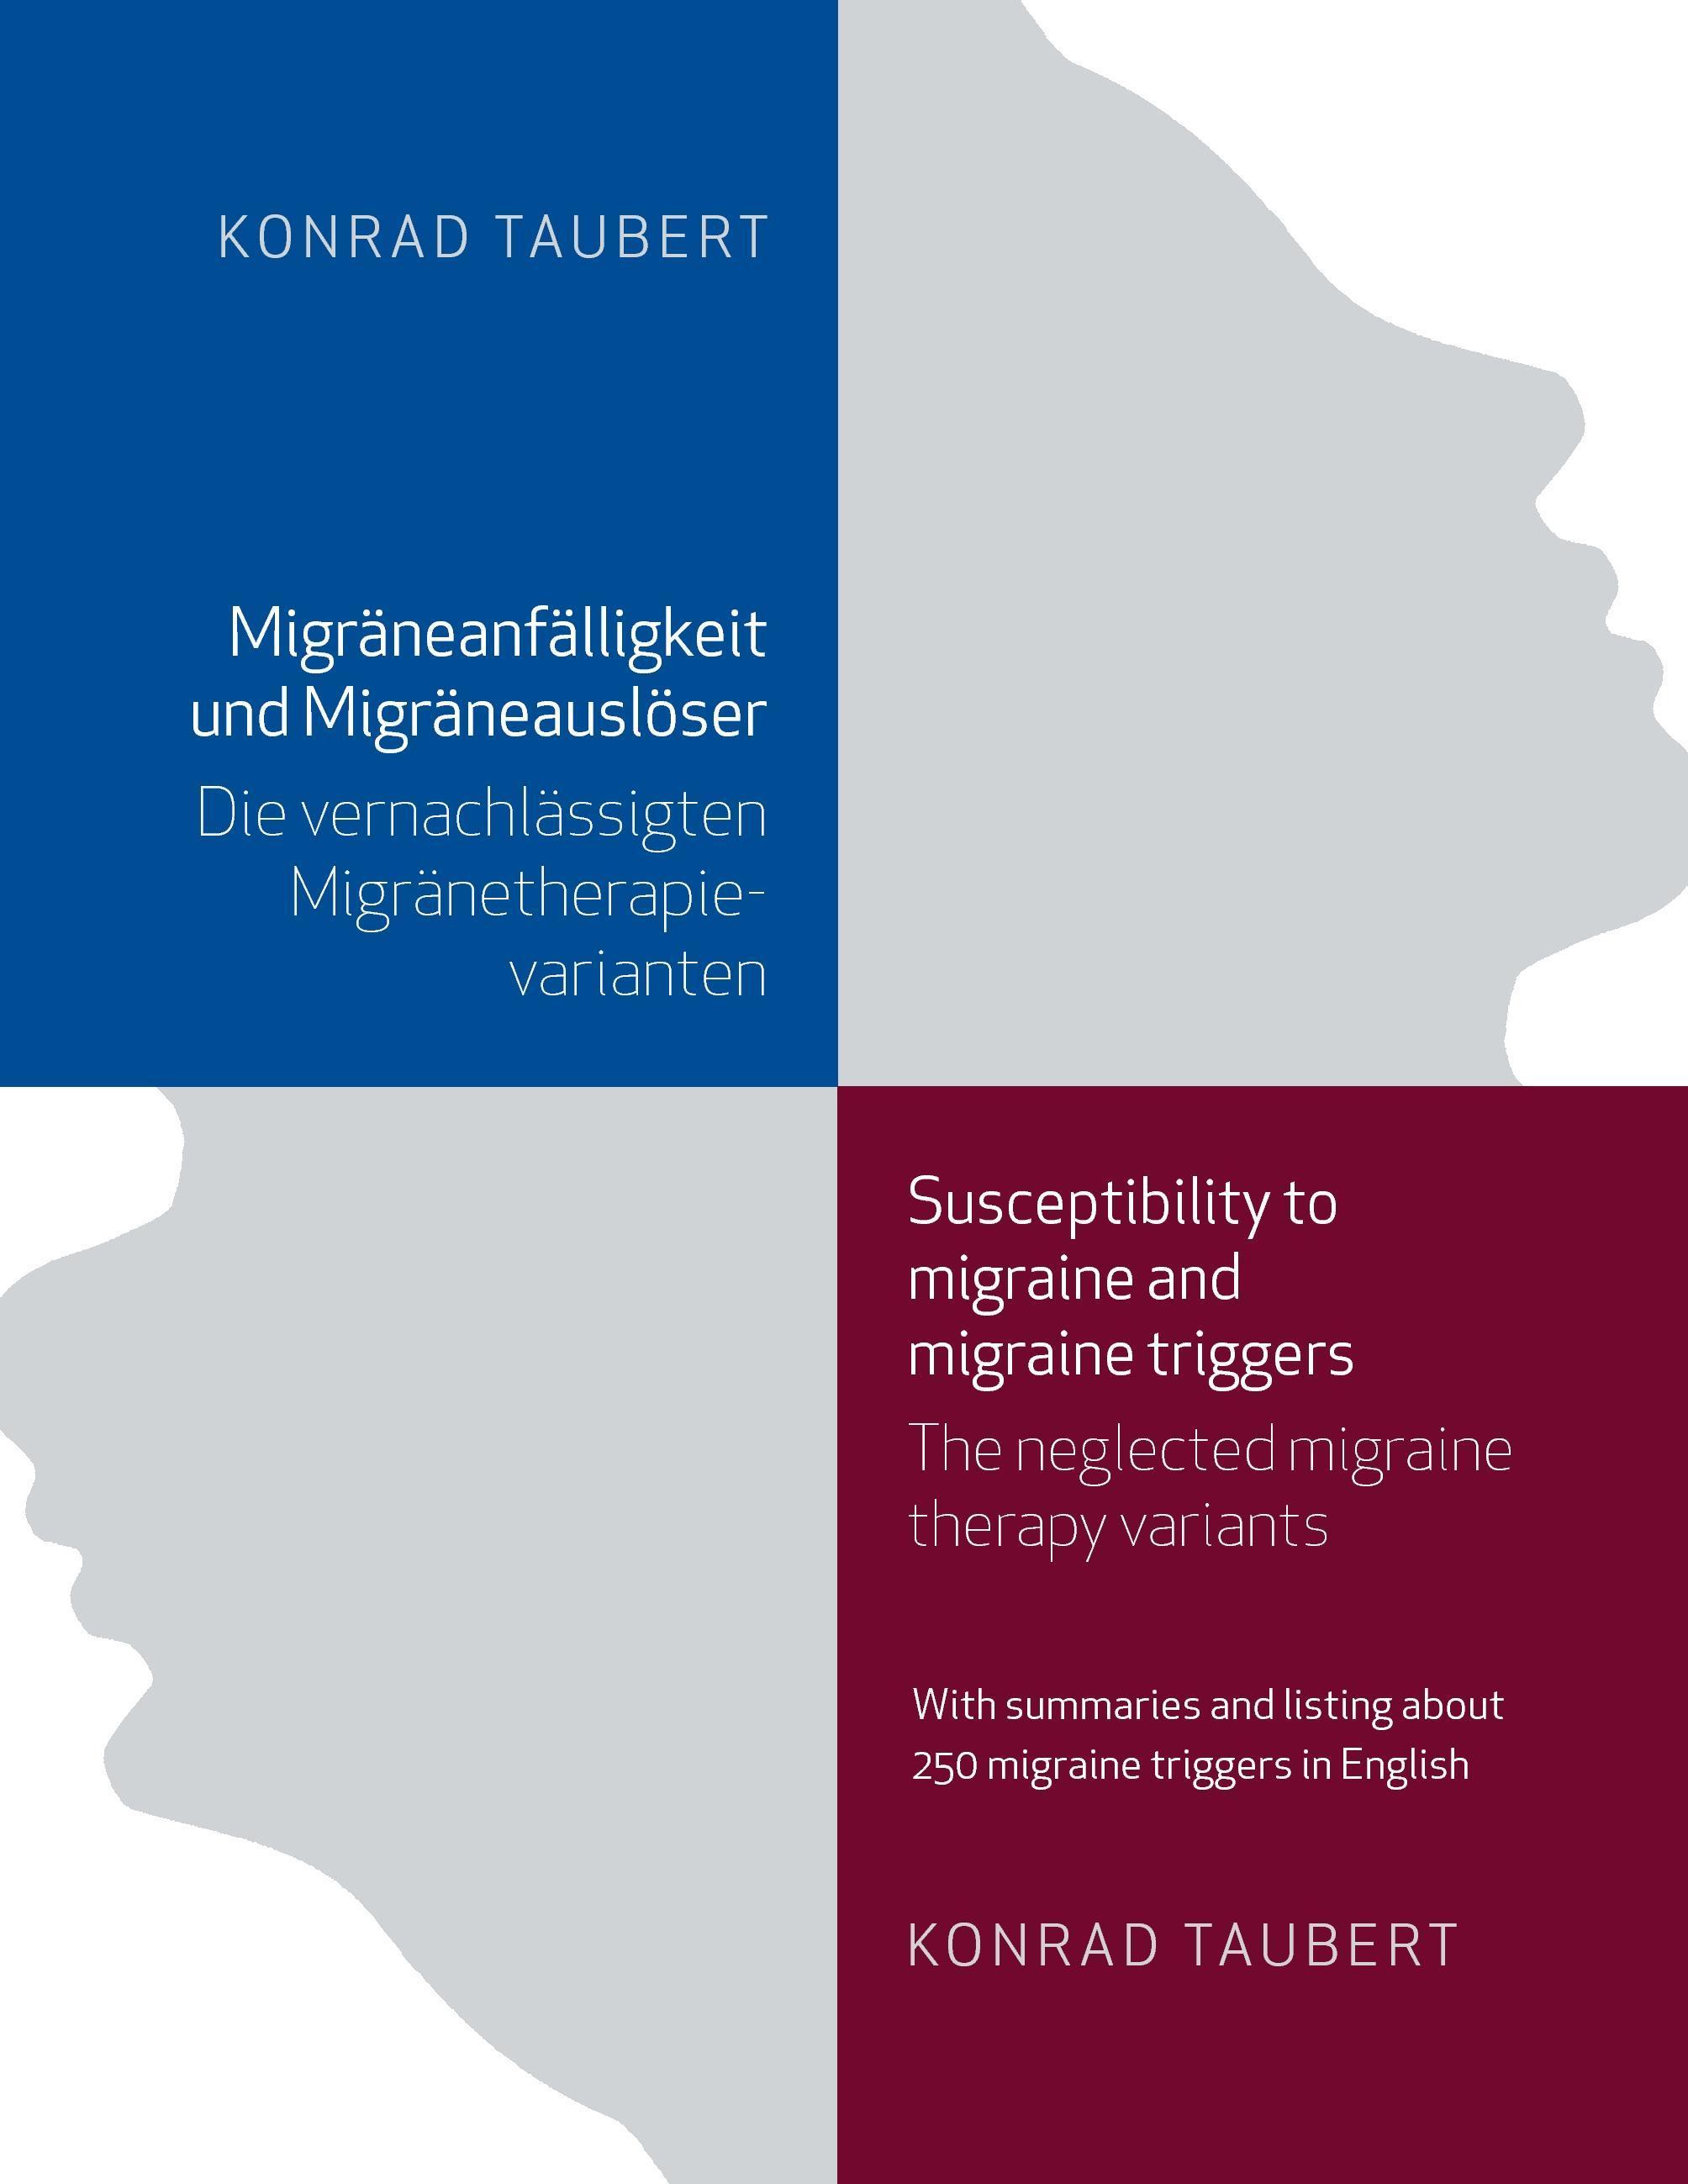 Migräneanfälligkeit und Migräneauslöser / Susceptibility to migr